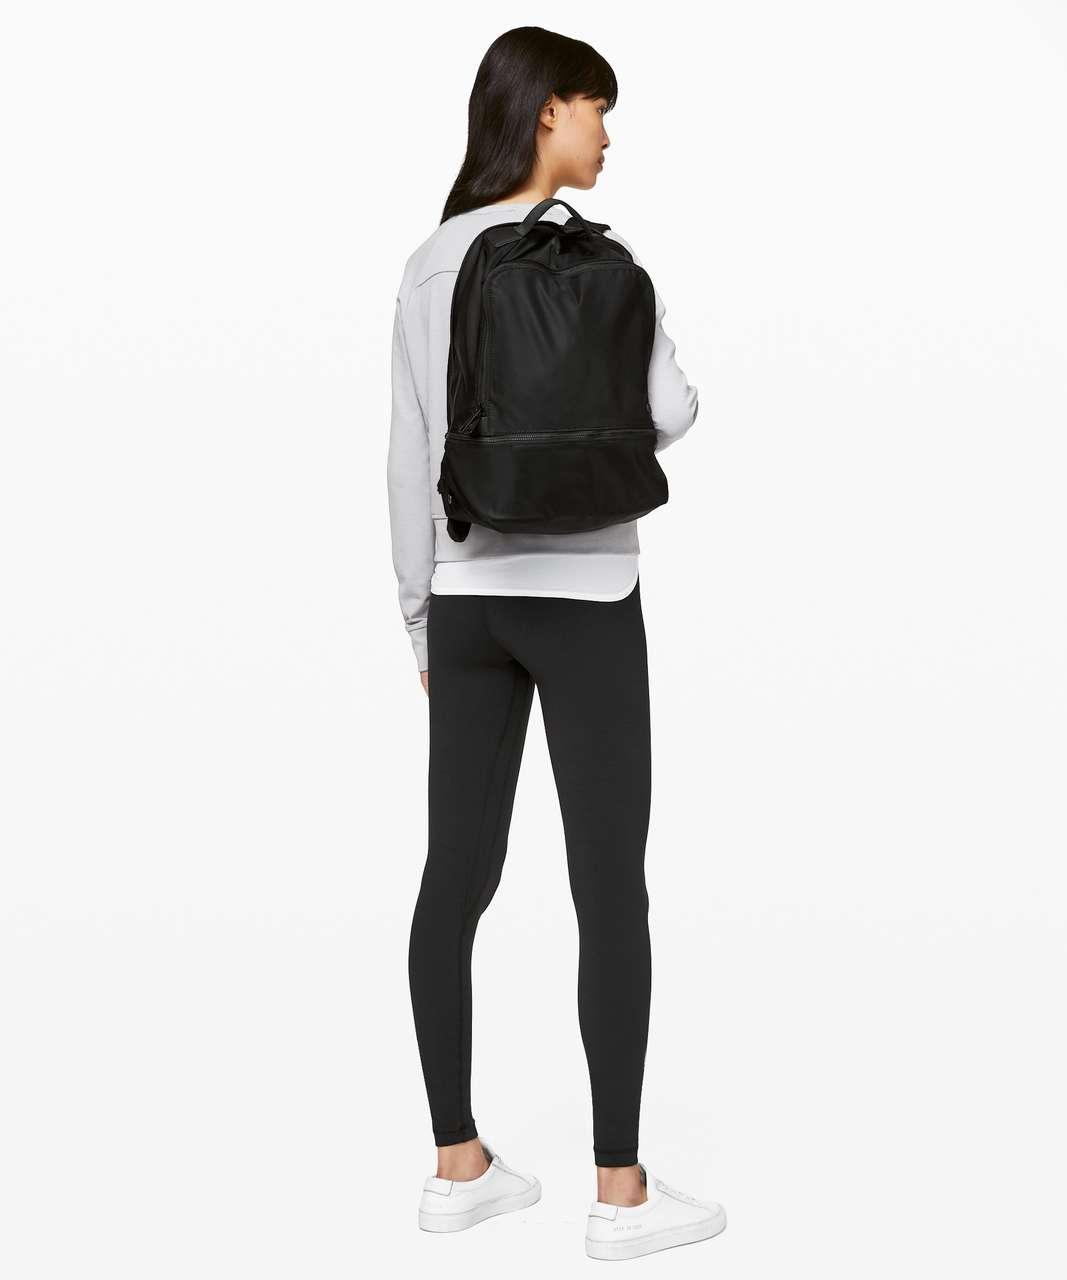 Lululemon City Adventurer Backpack *17L - Black (Third Release)